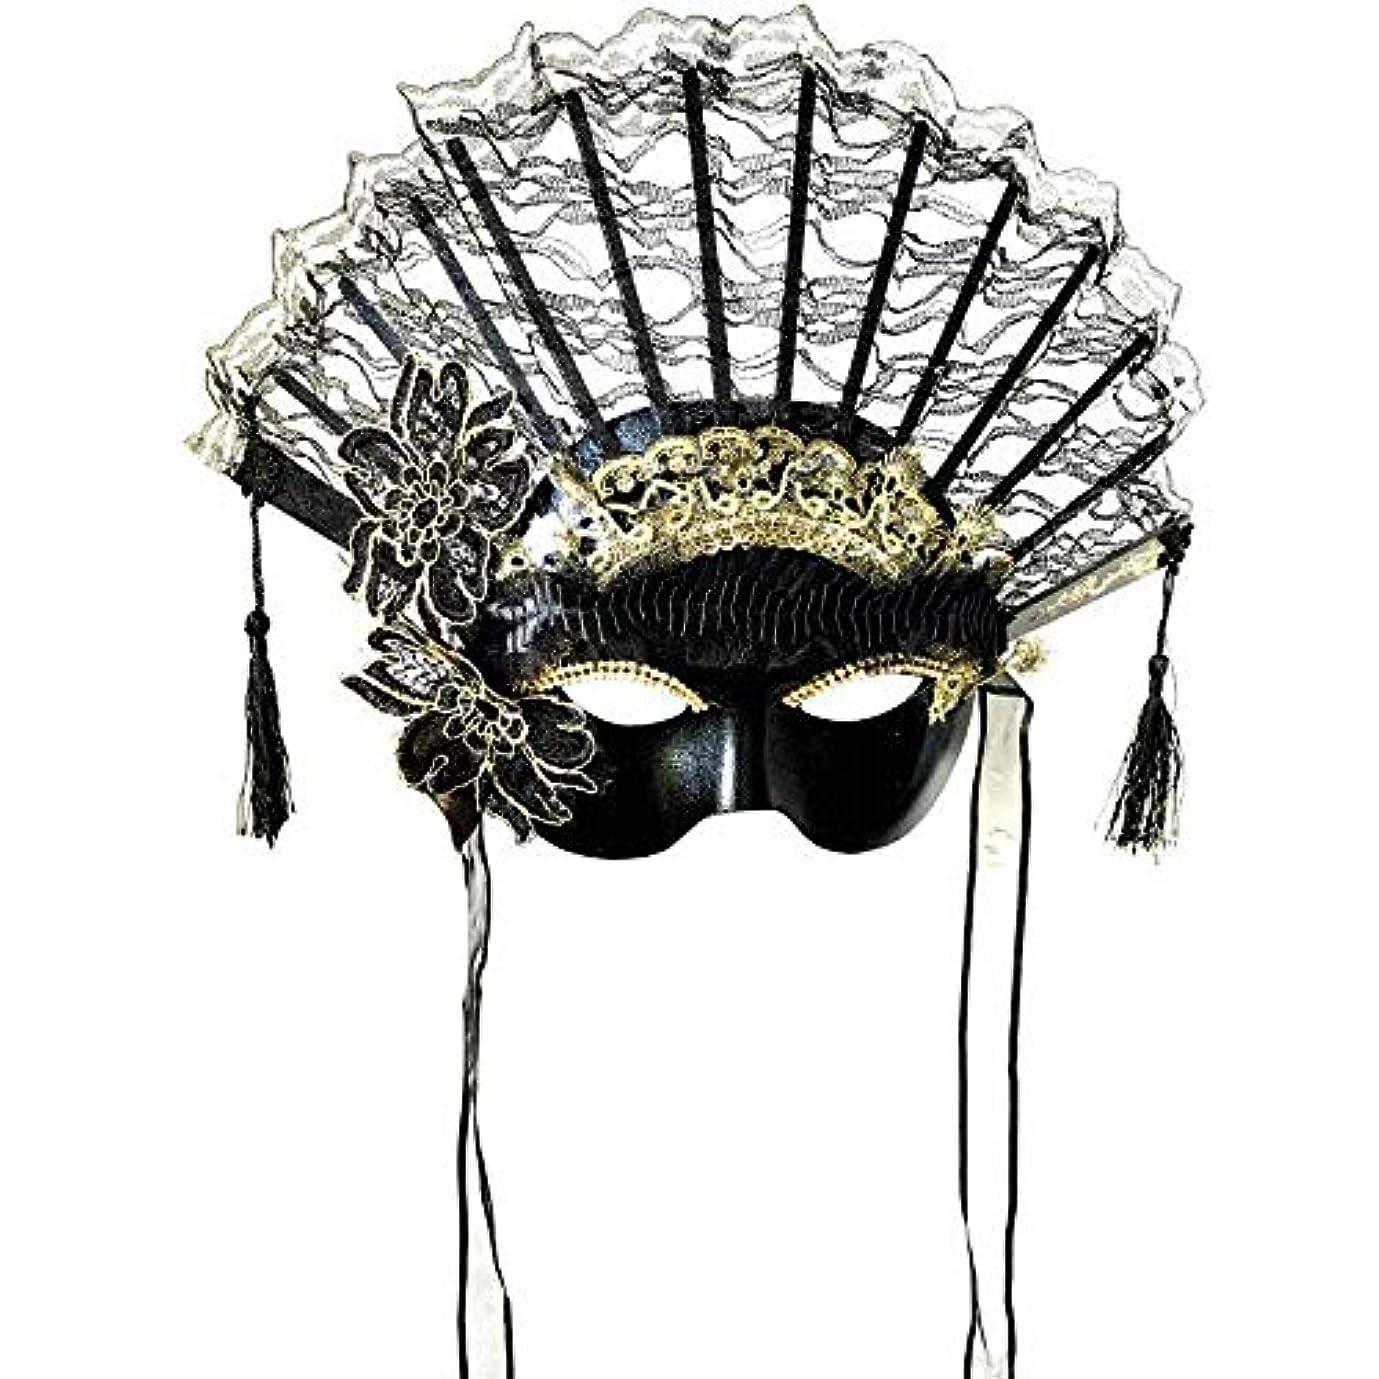 共役キャプテンブライ儀式Nanle ハロウィンクリスマスレースファンシェイプフラワーフリンジビーズマスク仮装マスクレディミスプリンセス美容祭パーティーデコレーションマスク (色 : Black B)